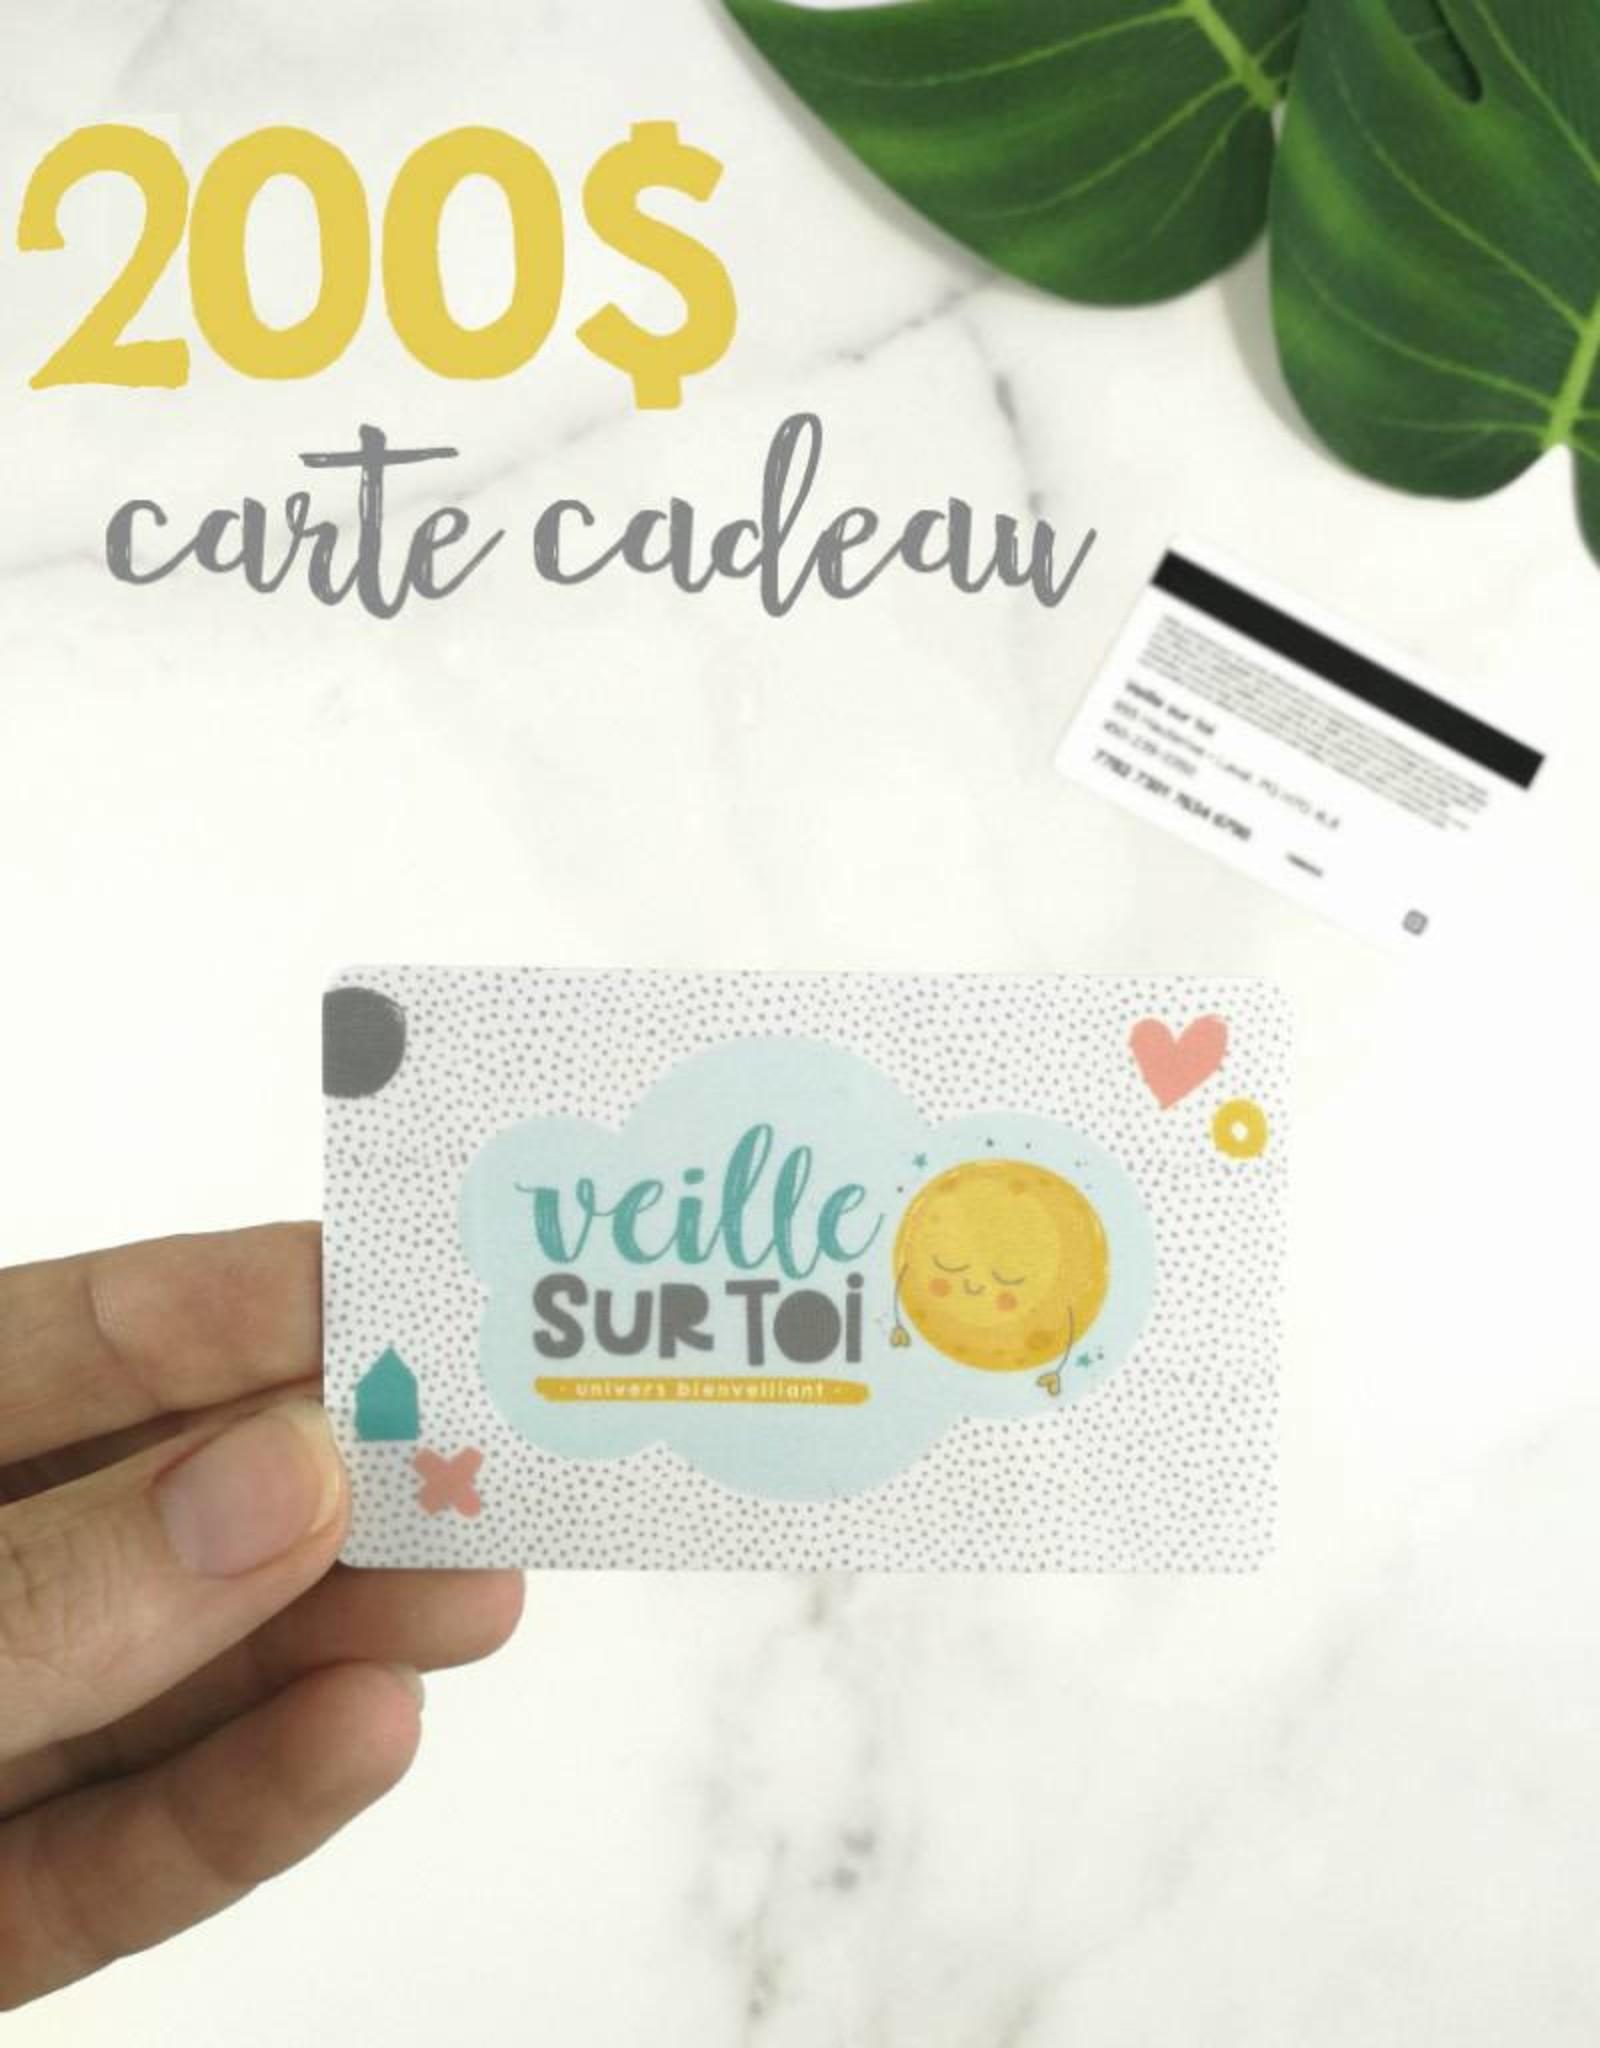 Veille sur toi Gift Card - 200$